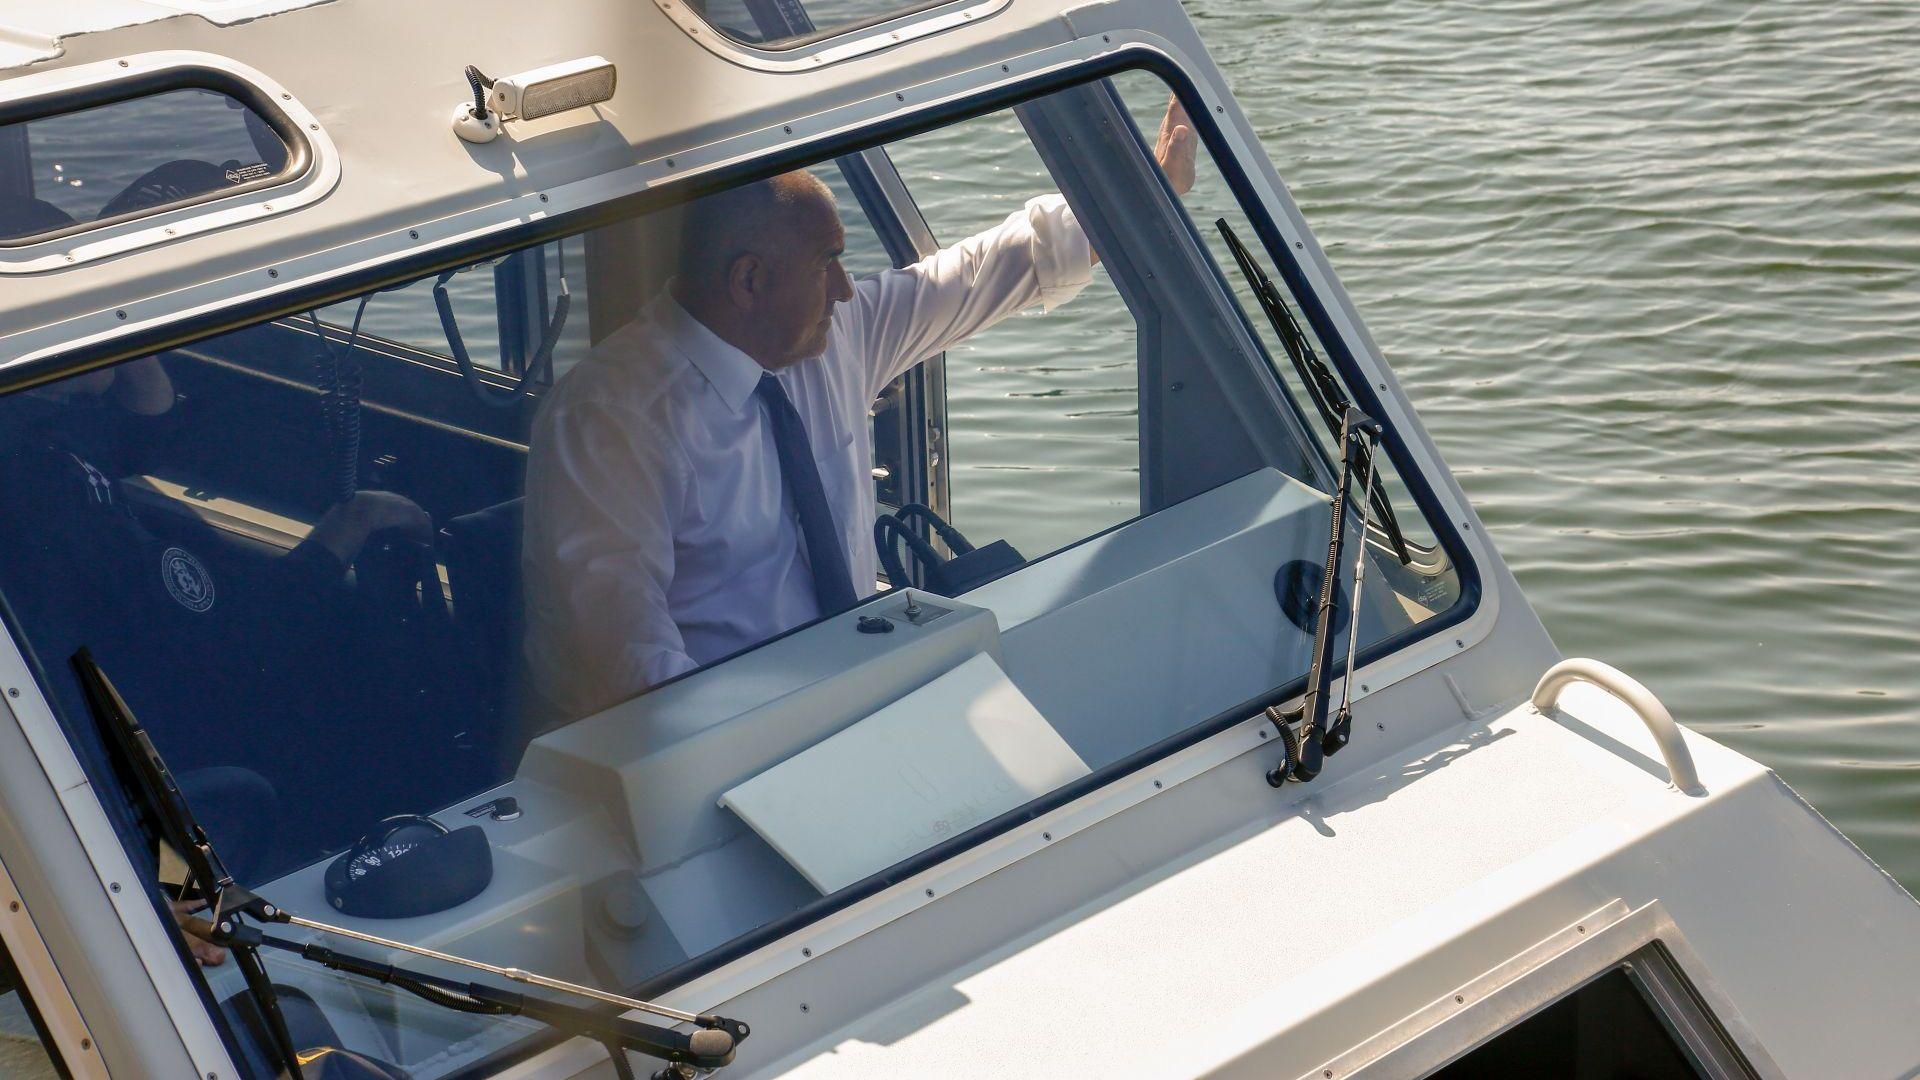 Бойко Борисов пак е на живо - този път управлява катер към военното учение край Варна